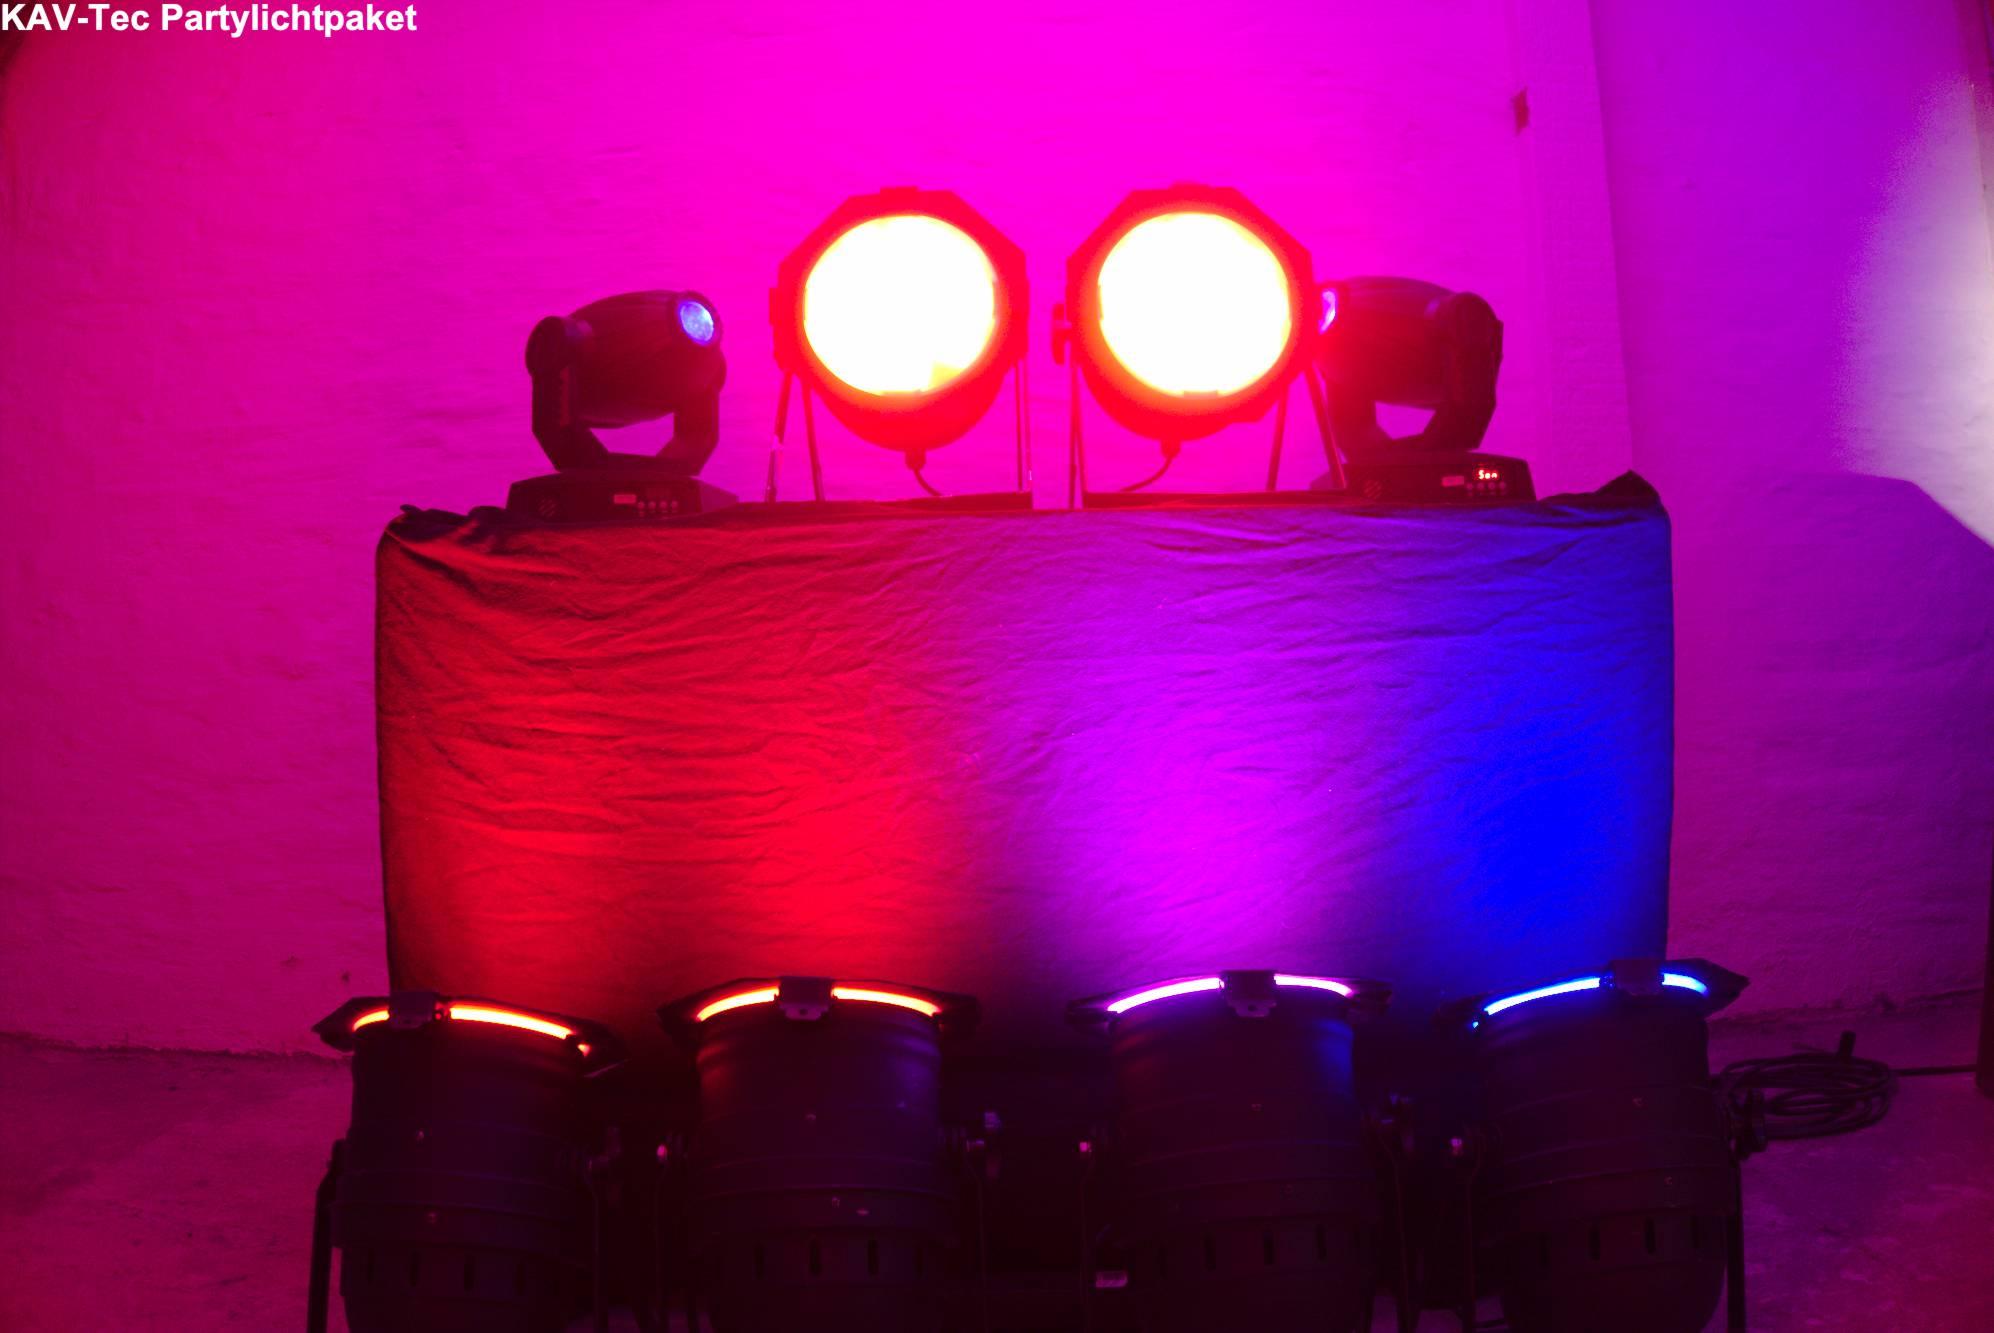 Party Lichtpaket